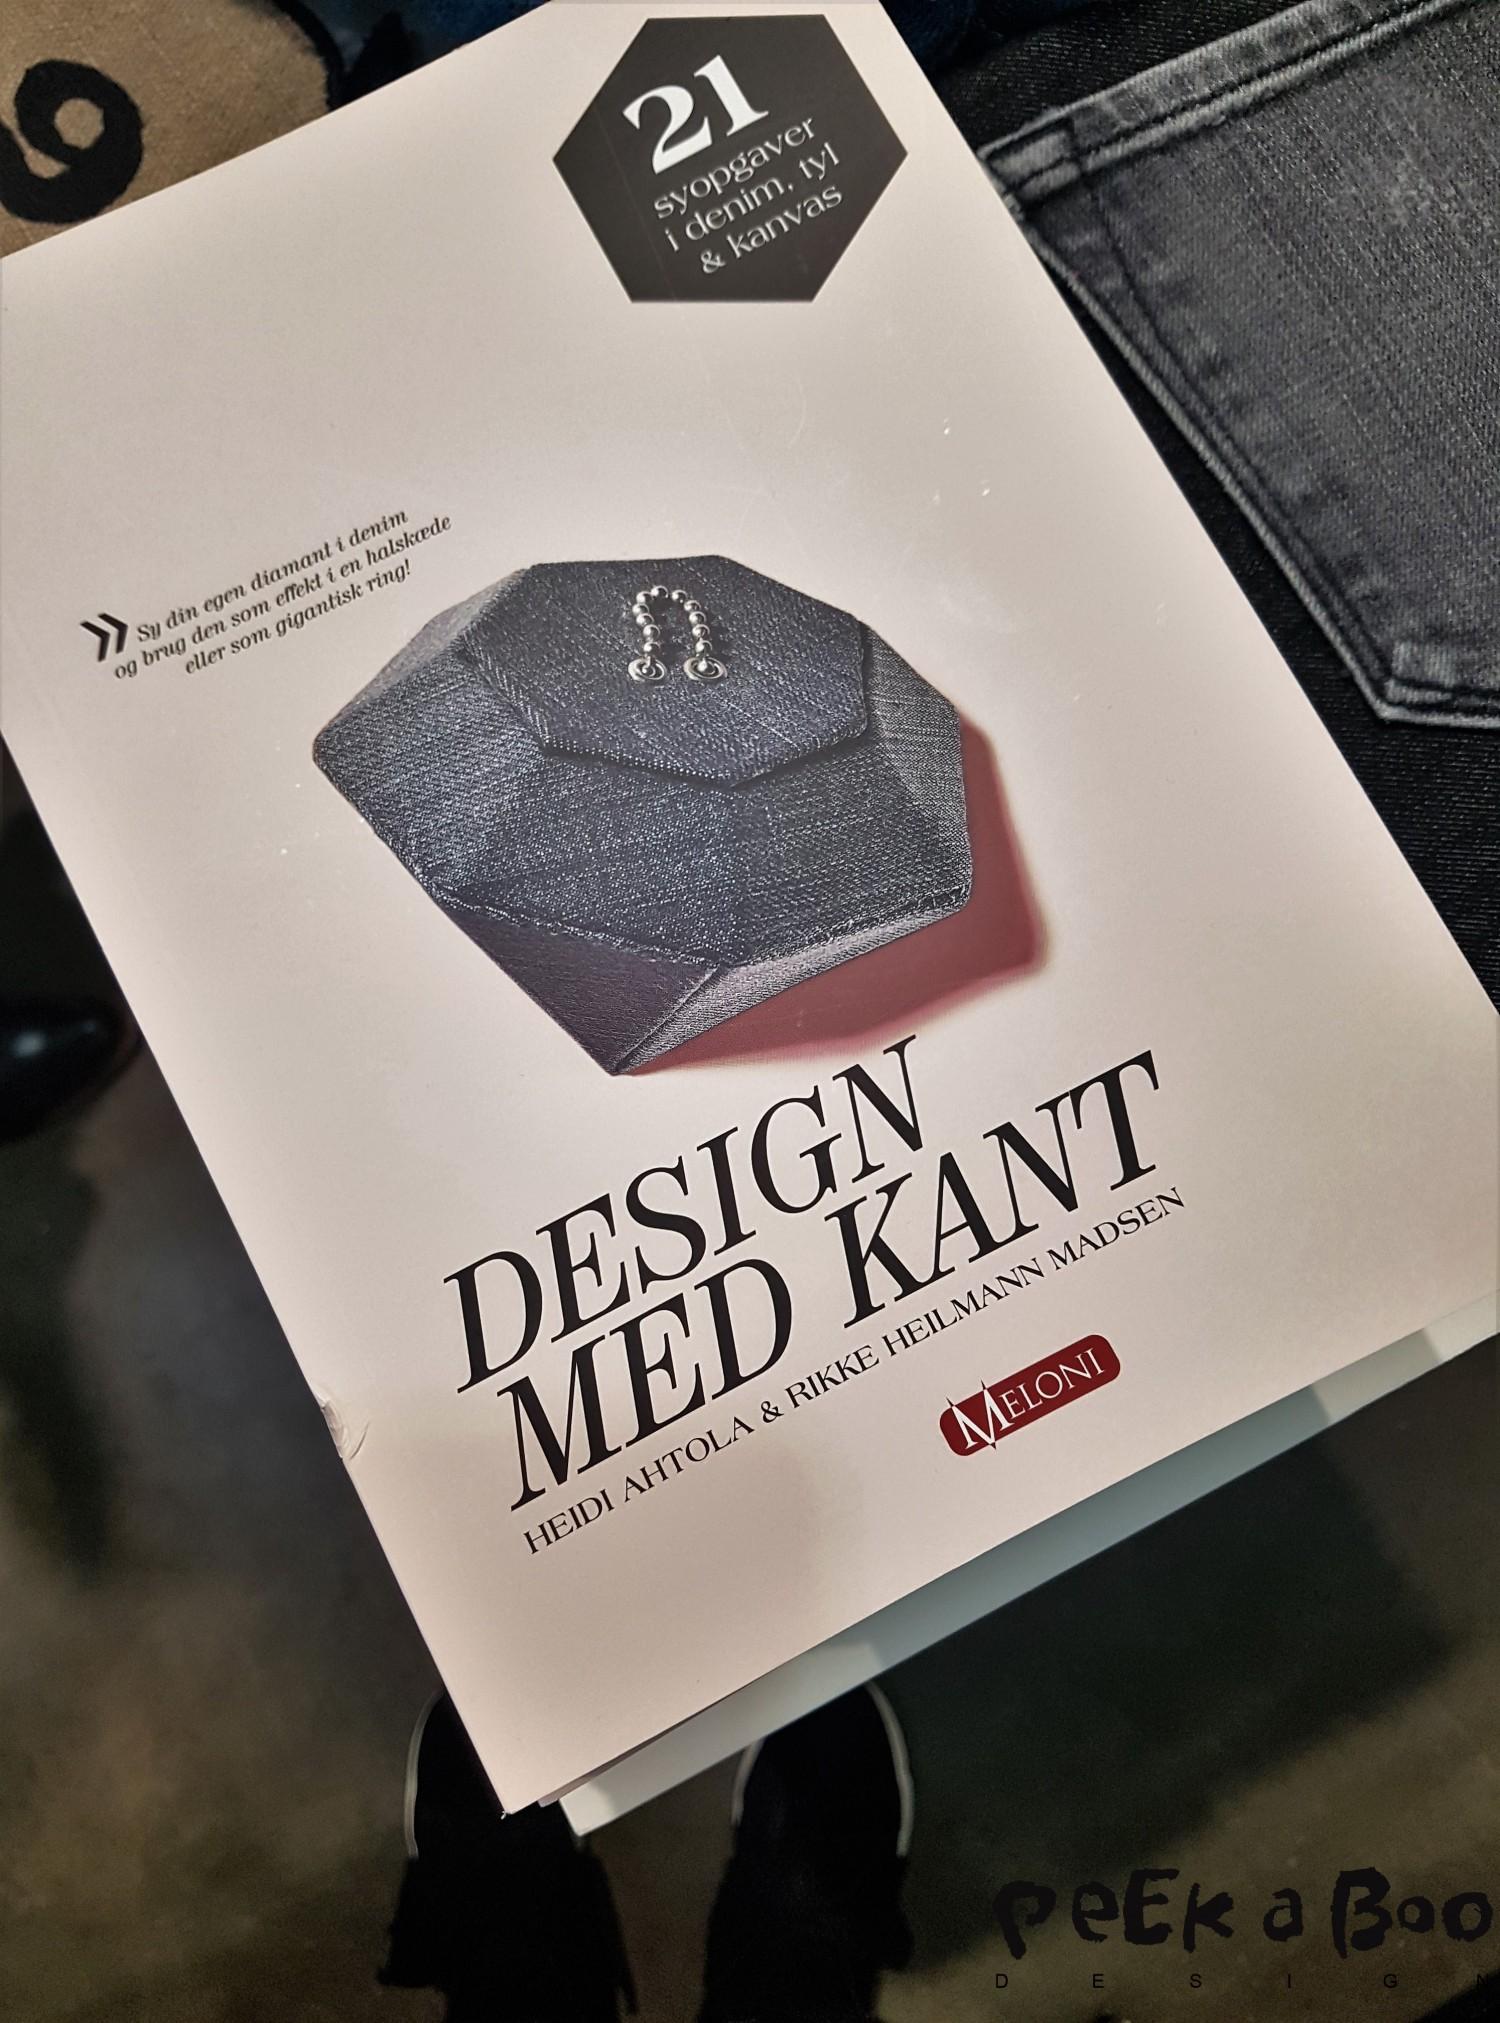 designmedkant-copy